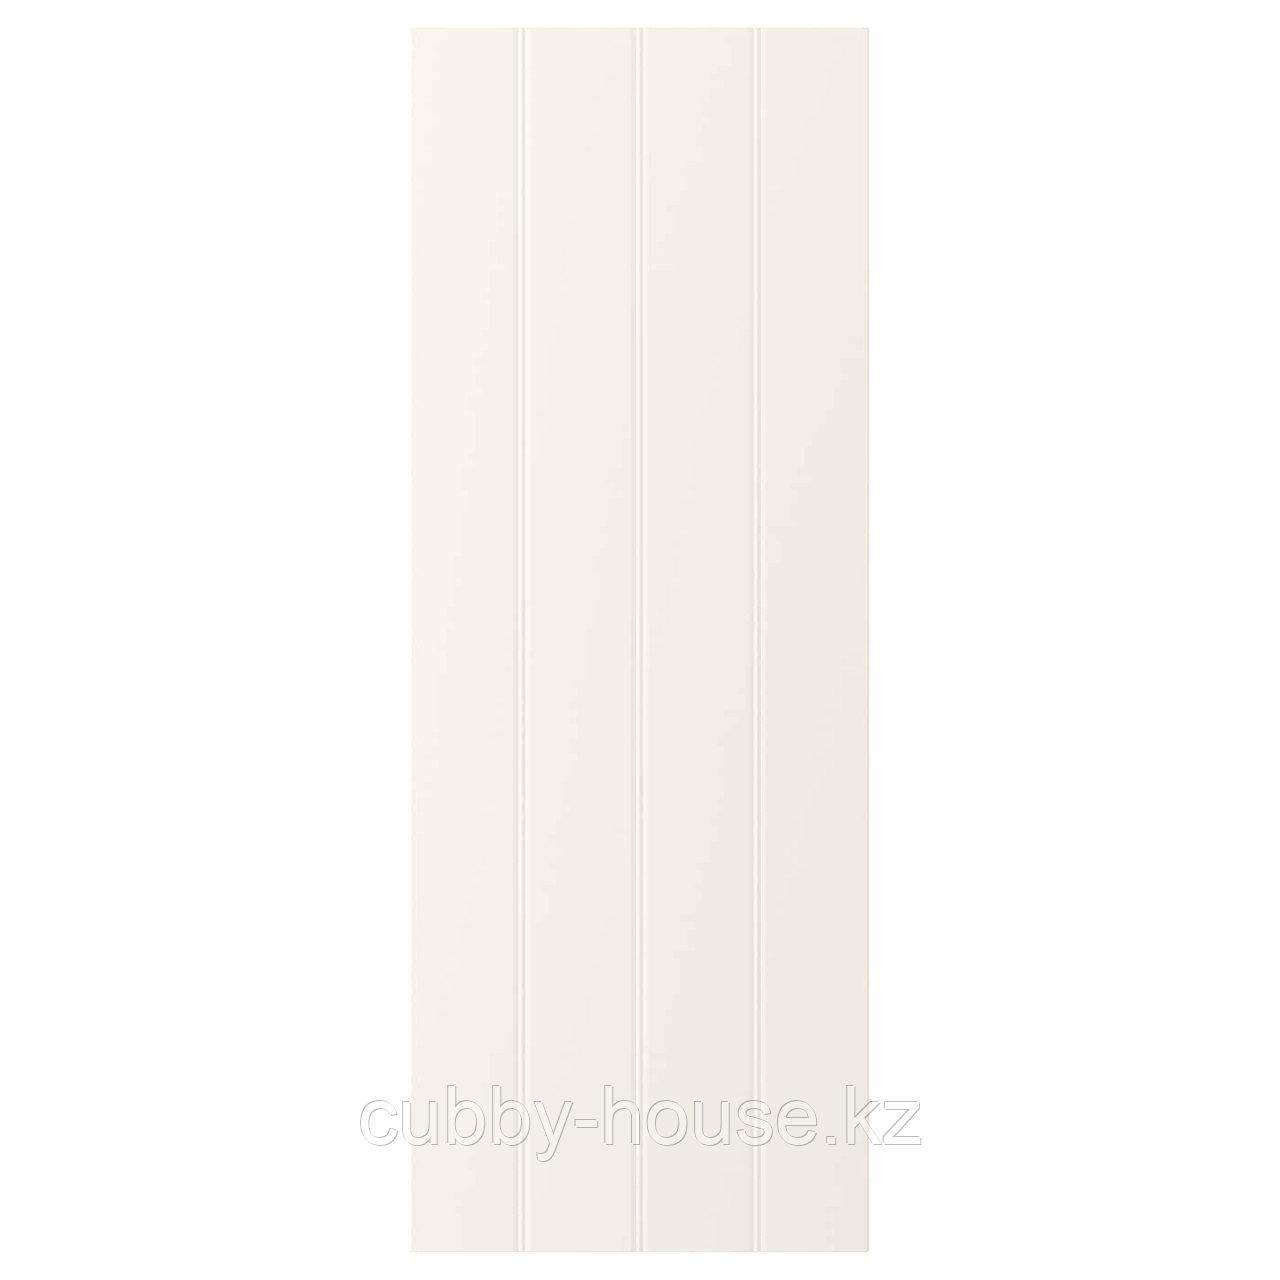 ХИТАРП Накладная панель, белый с оттенком, 62x240 см